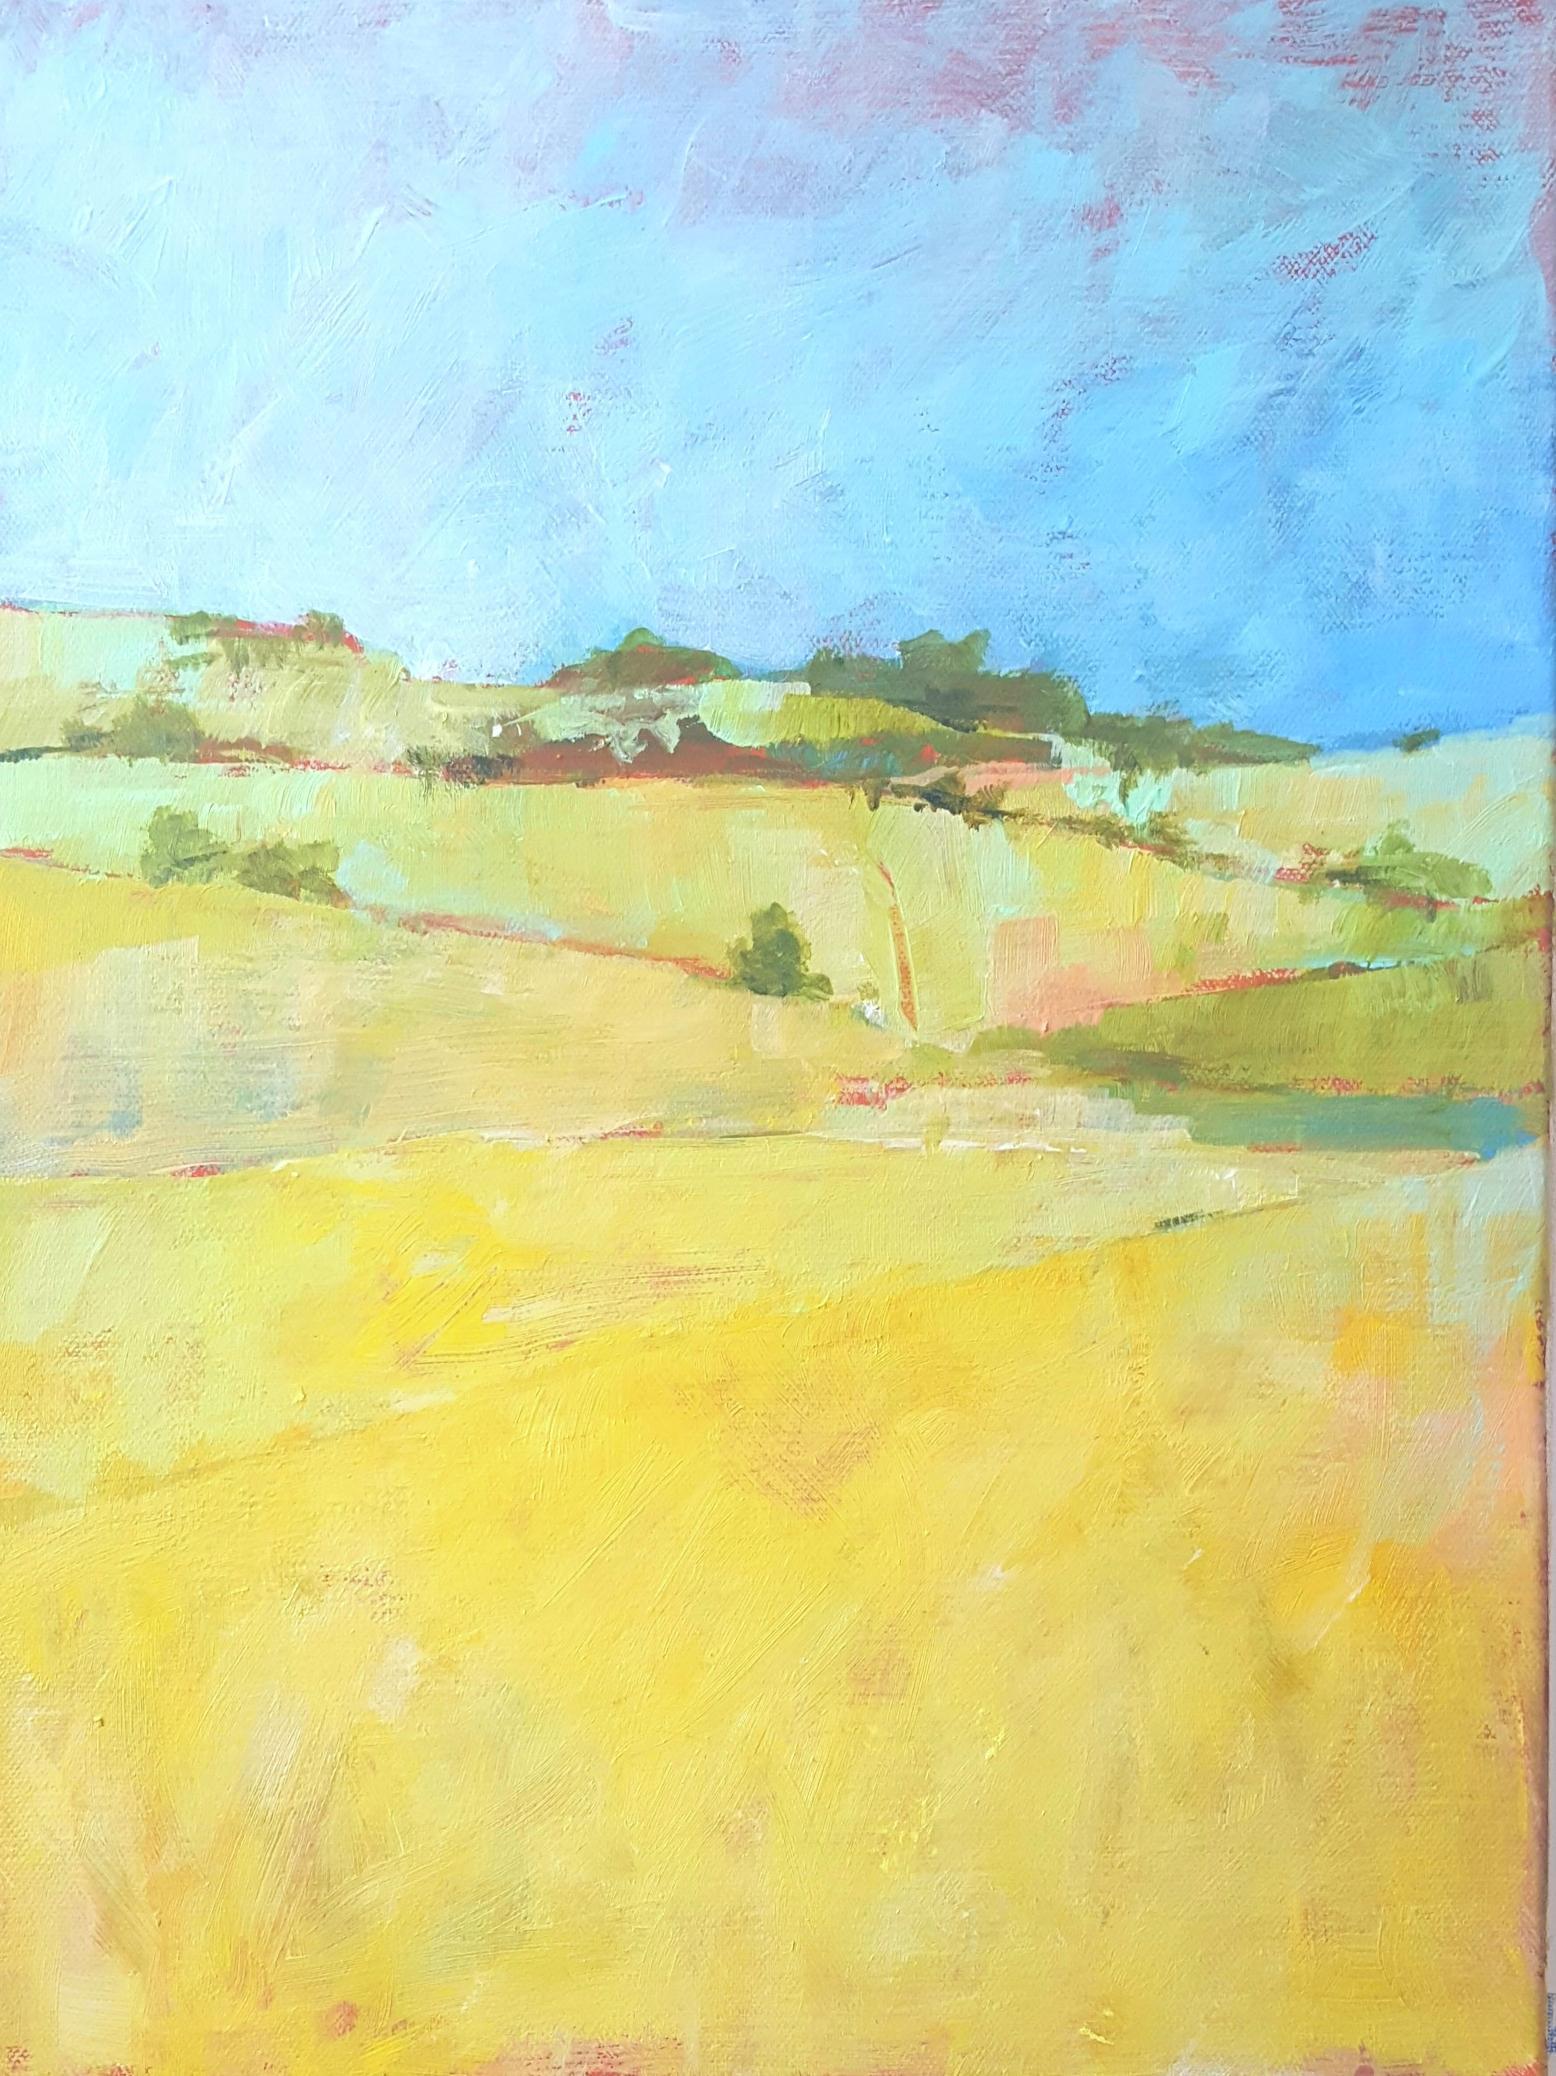 acrylics on canvas  40cm x 30cm